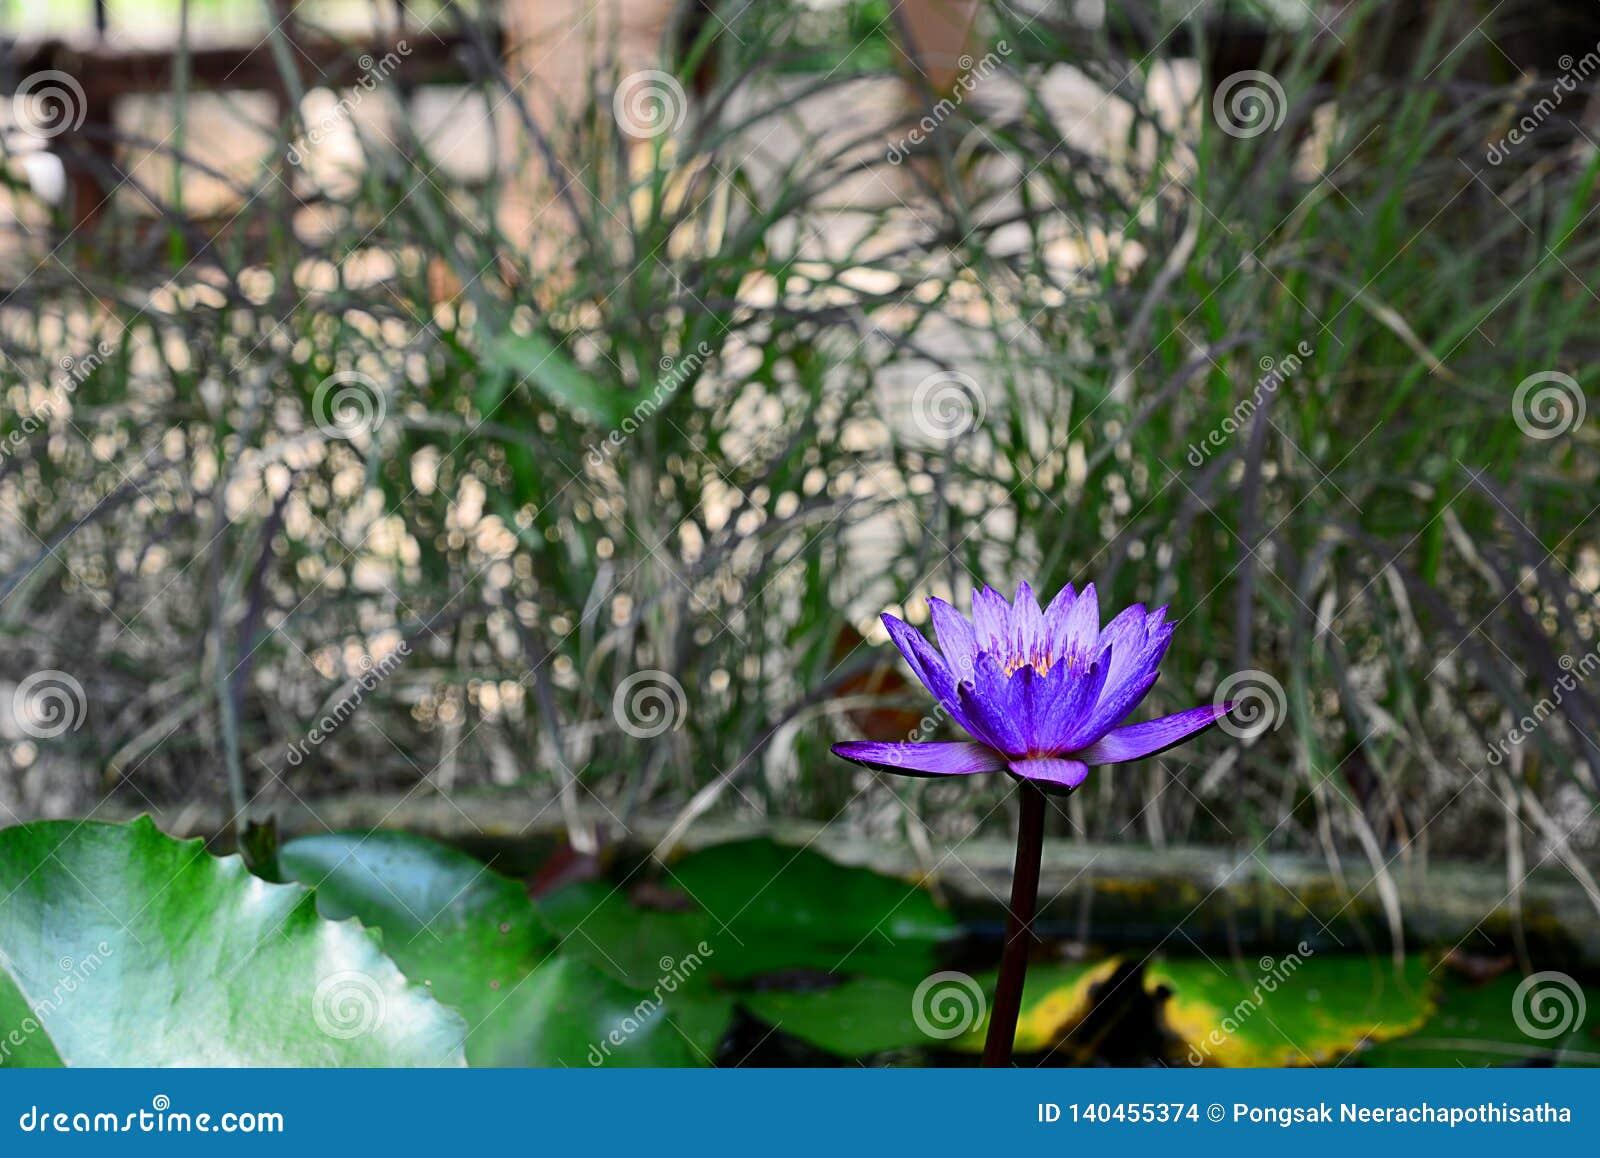 Azul y Violet Nymphaea Lotus florecientes con el fondo borroso